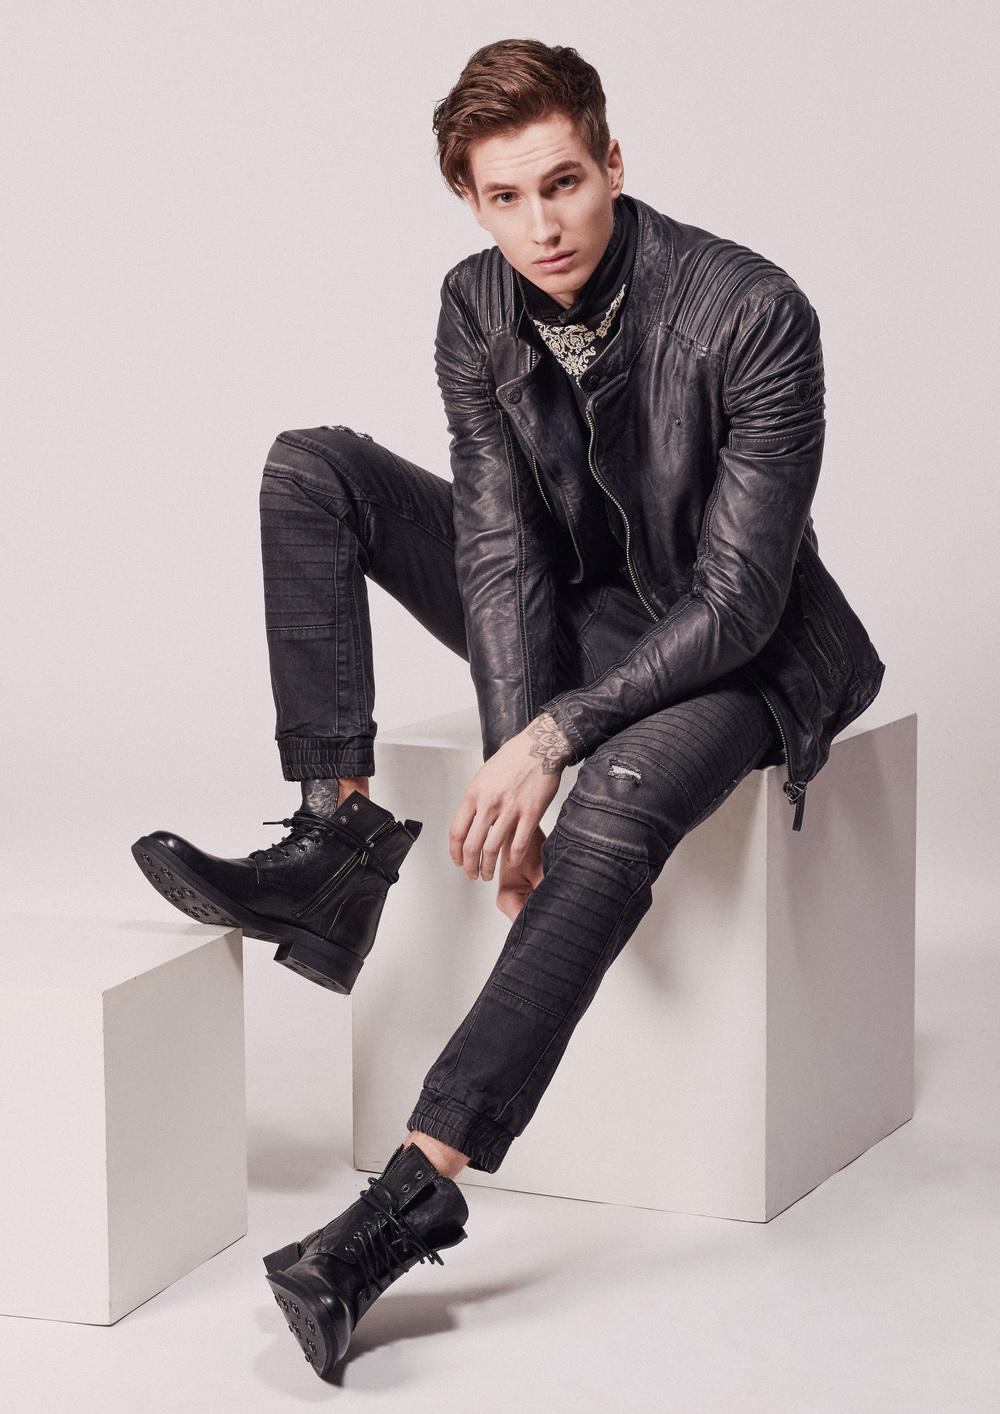 Jeans:Replay Jeanshemd:G-Star Raw Lederjacke:Gypsy Schuhe:Belmondo Brillen:Andy Wolf